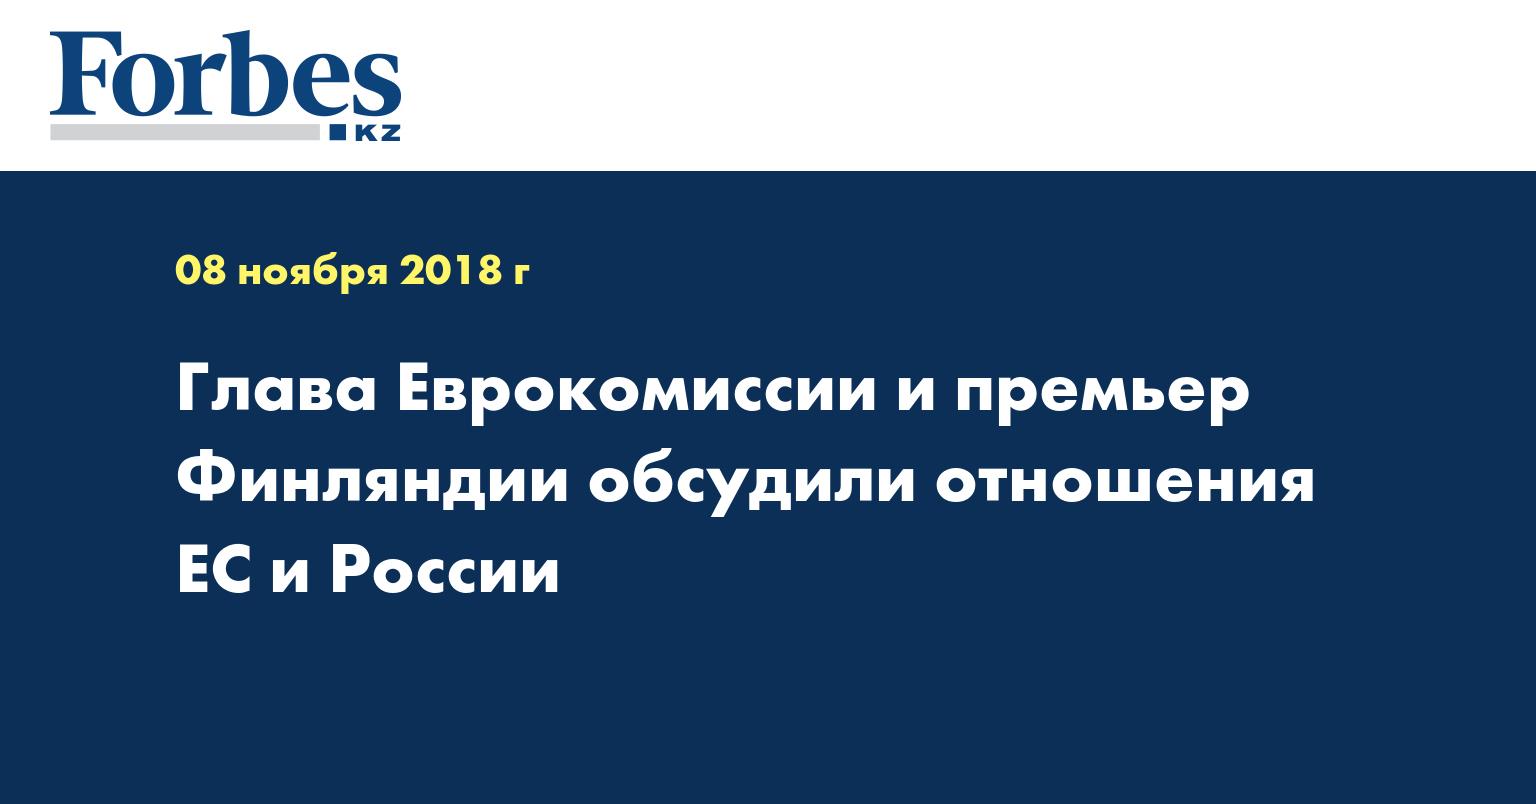 Глава Еврокомиссии и премьер Финляндии обсудили отношения ЕС и России